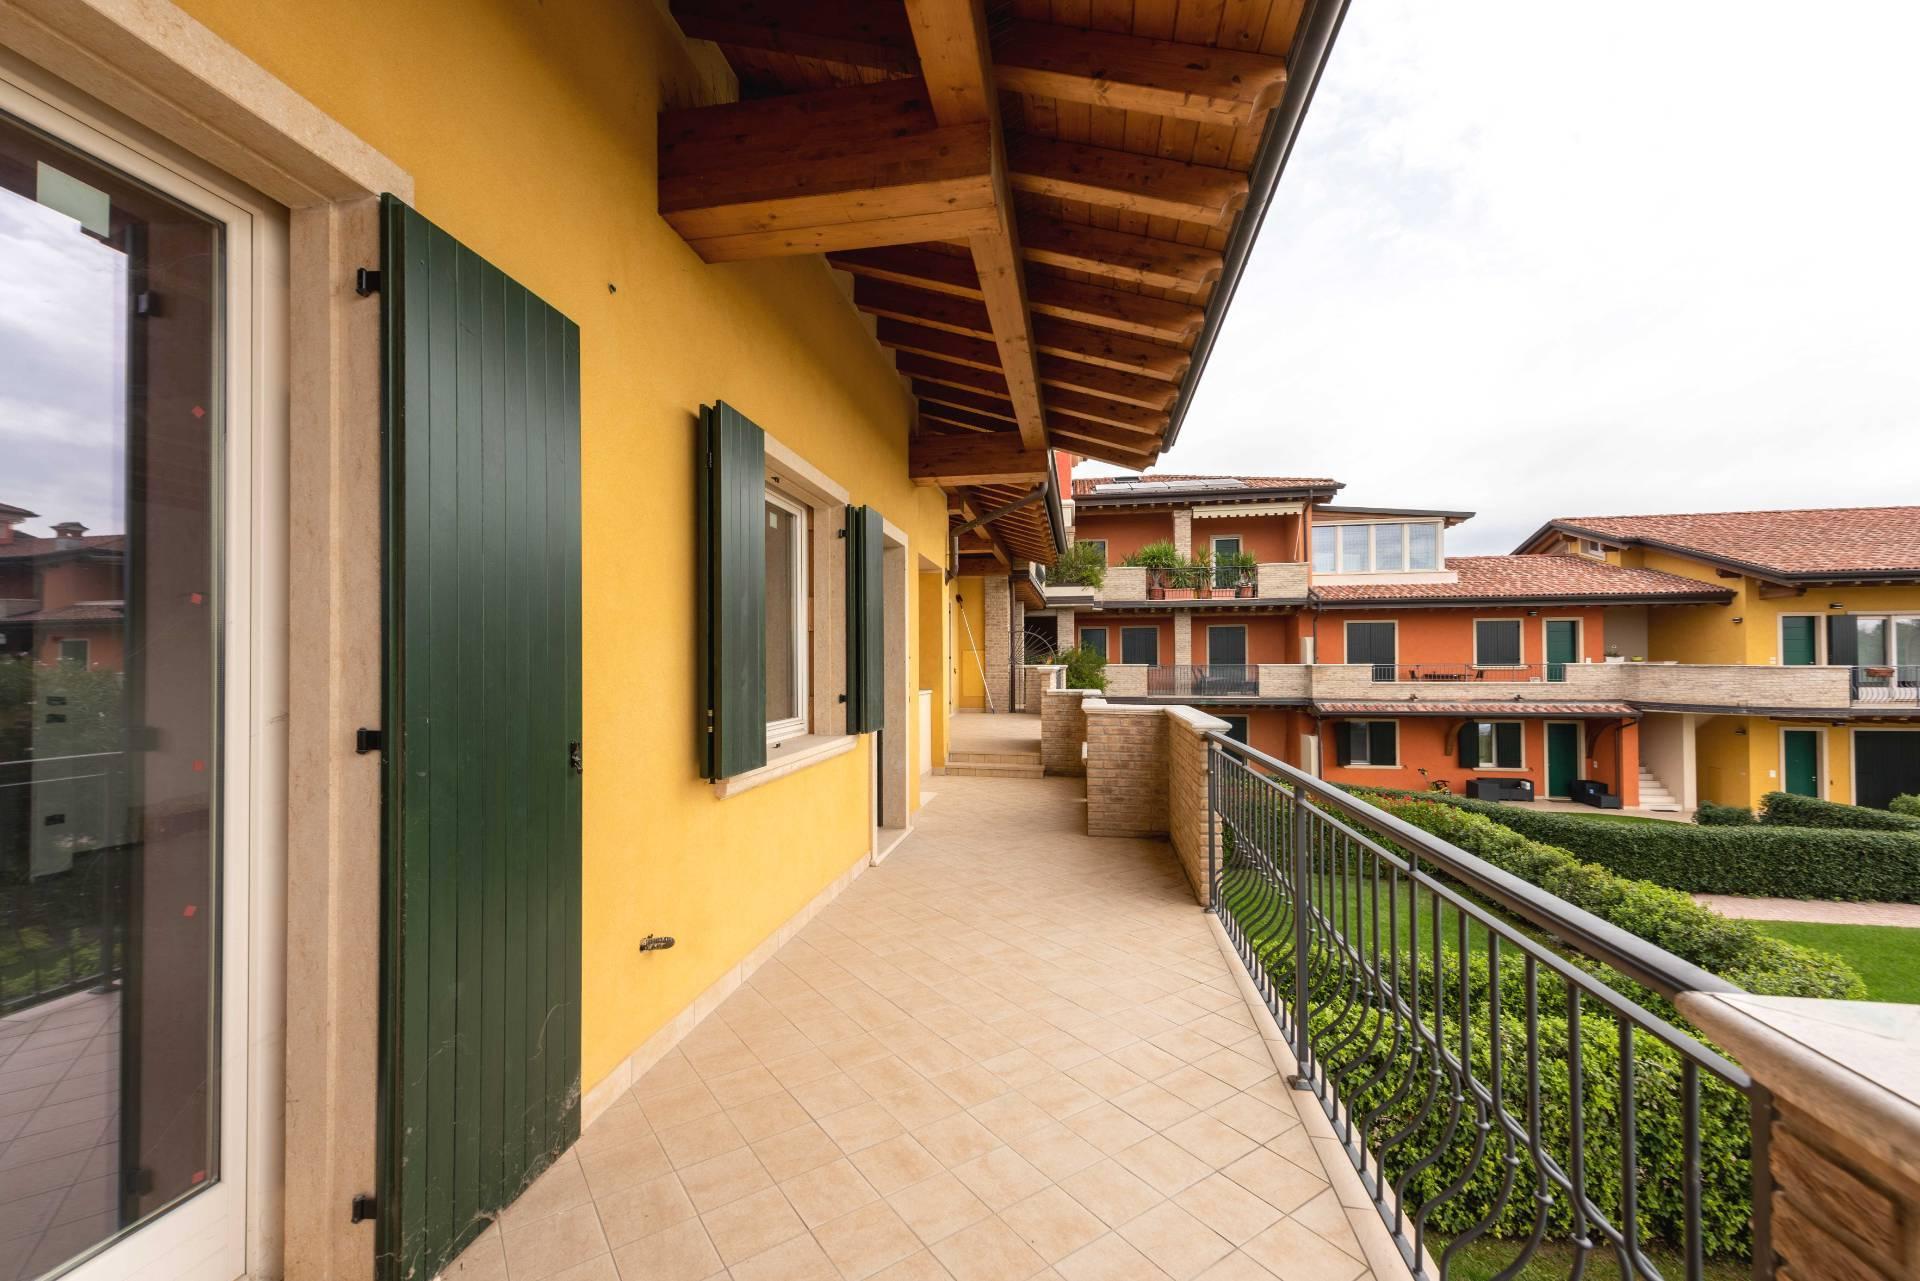 Appartamento in vendita a Pozzolengo, 4 locali, prezzo € 239.000 | PortaleAgenzieImmobiliari.it